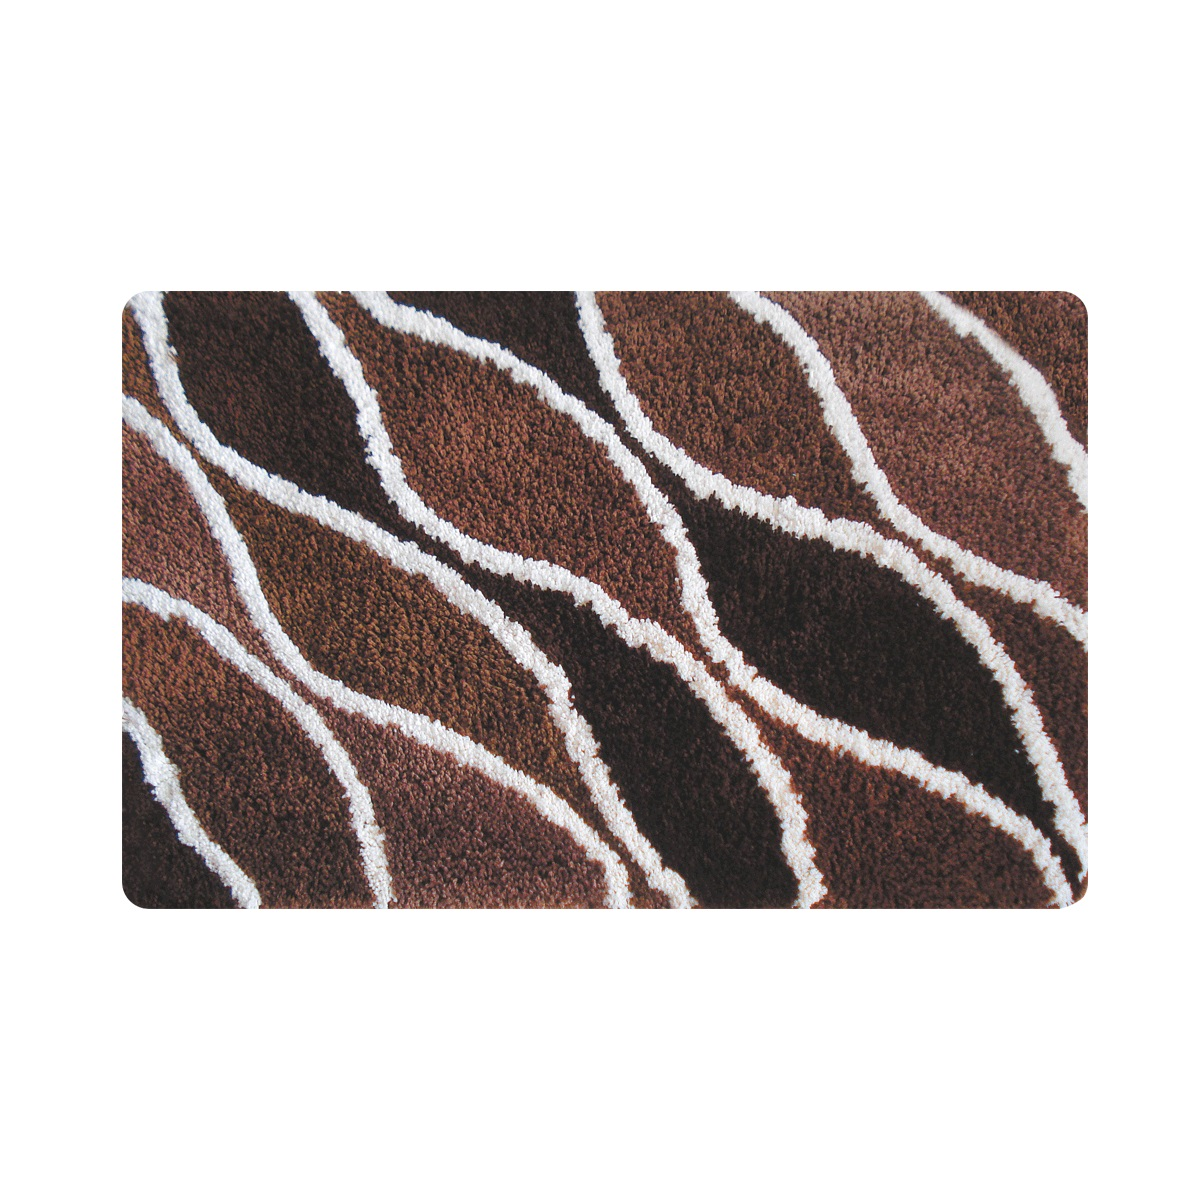 Коврик для ванной Iddis Fatty lines, цвет: коричневый, 50 х 80 см коврик для ванной iddis curved lines 50x80 см 402a580i12 page 5